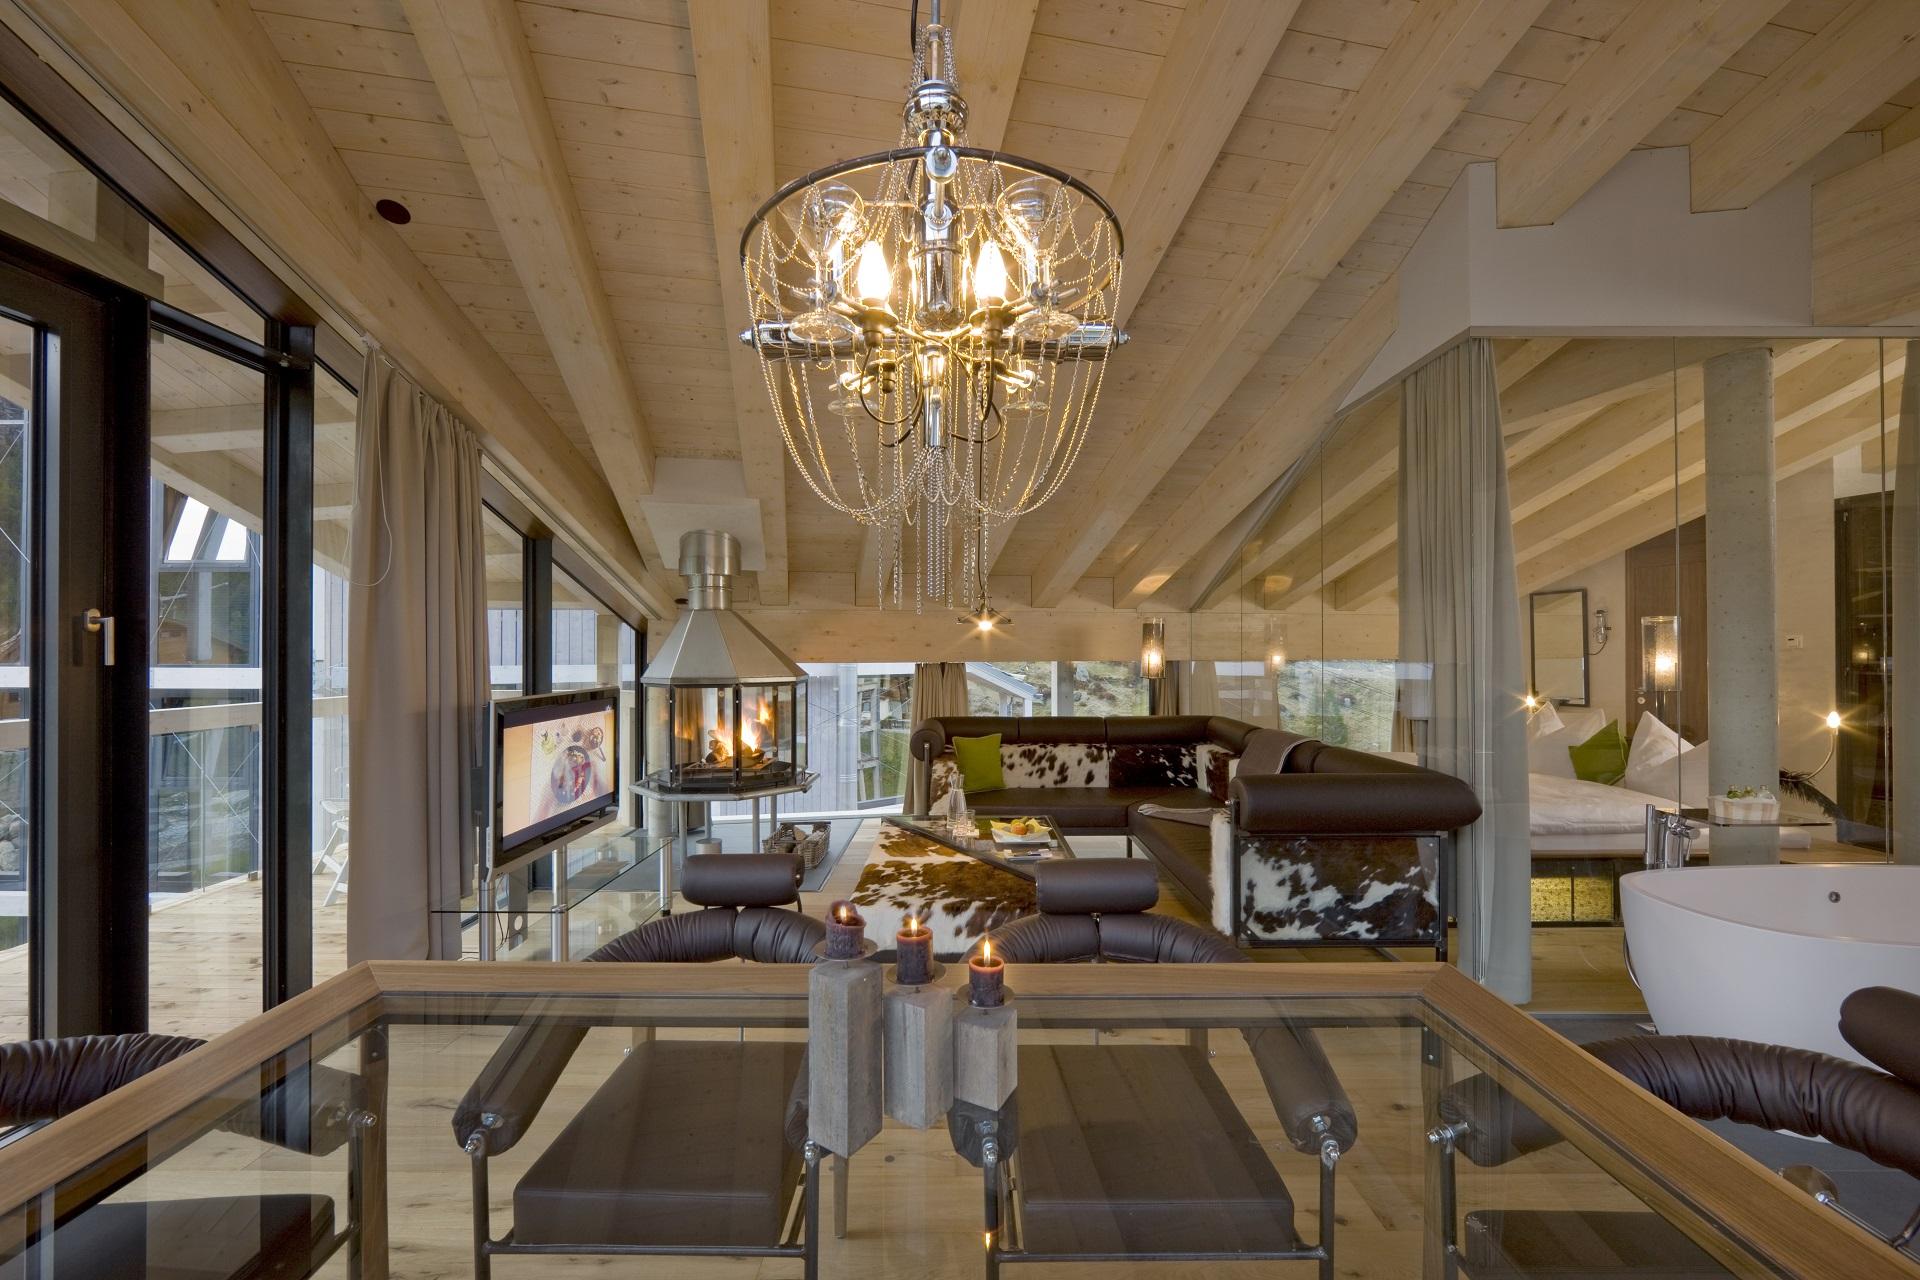 Sommerurlaub zermatt 5 tage im matterhorn focus mit for Design hotel zermatt